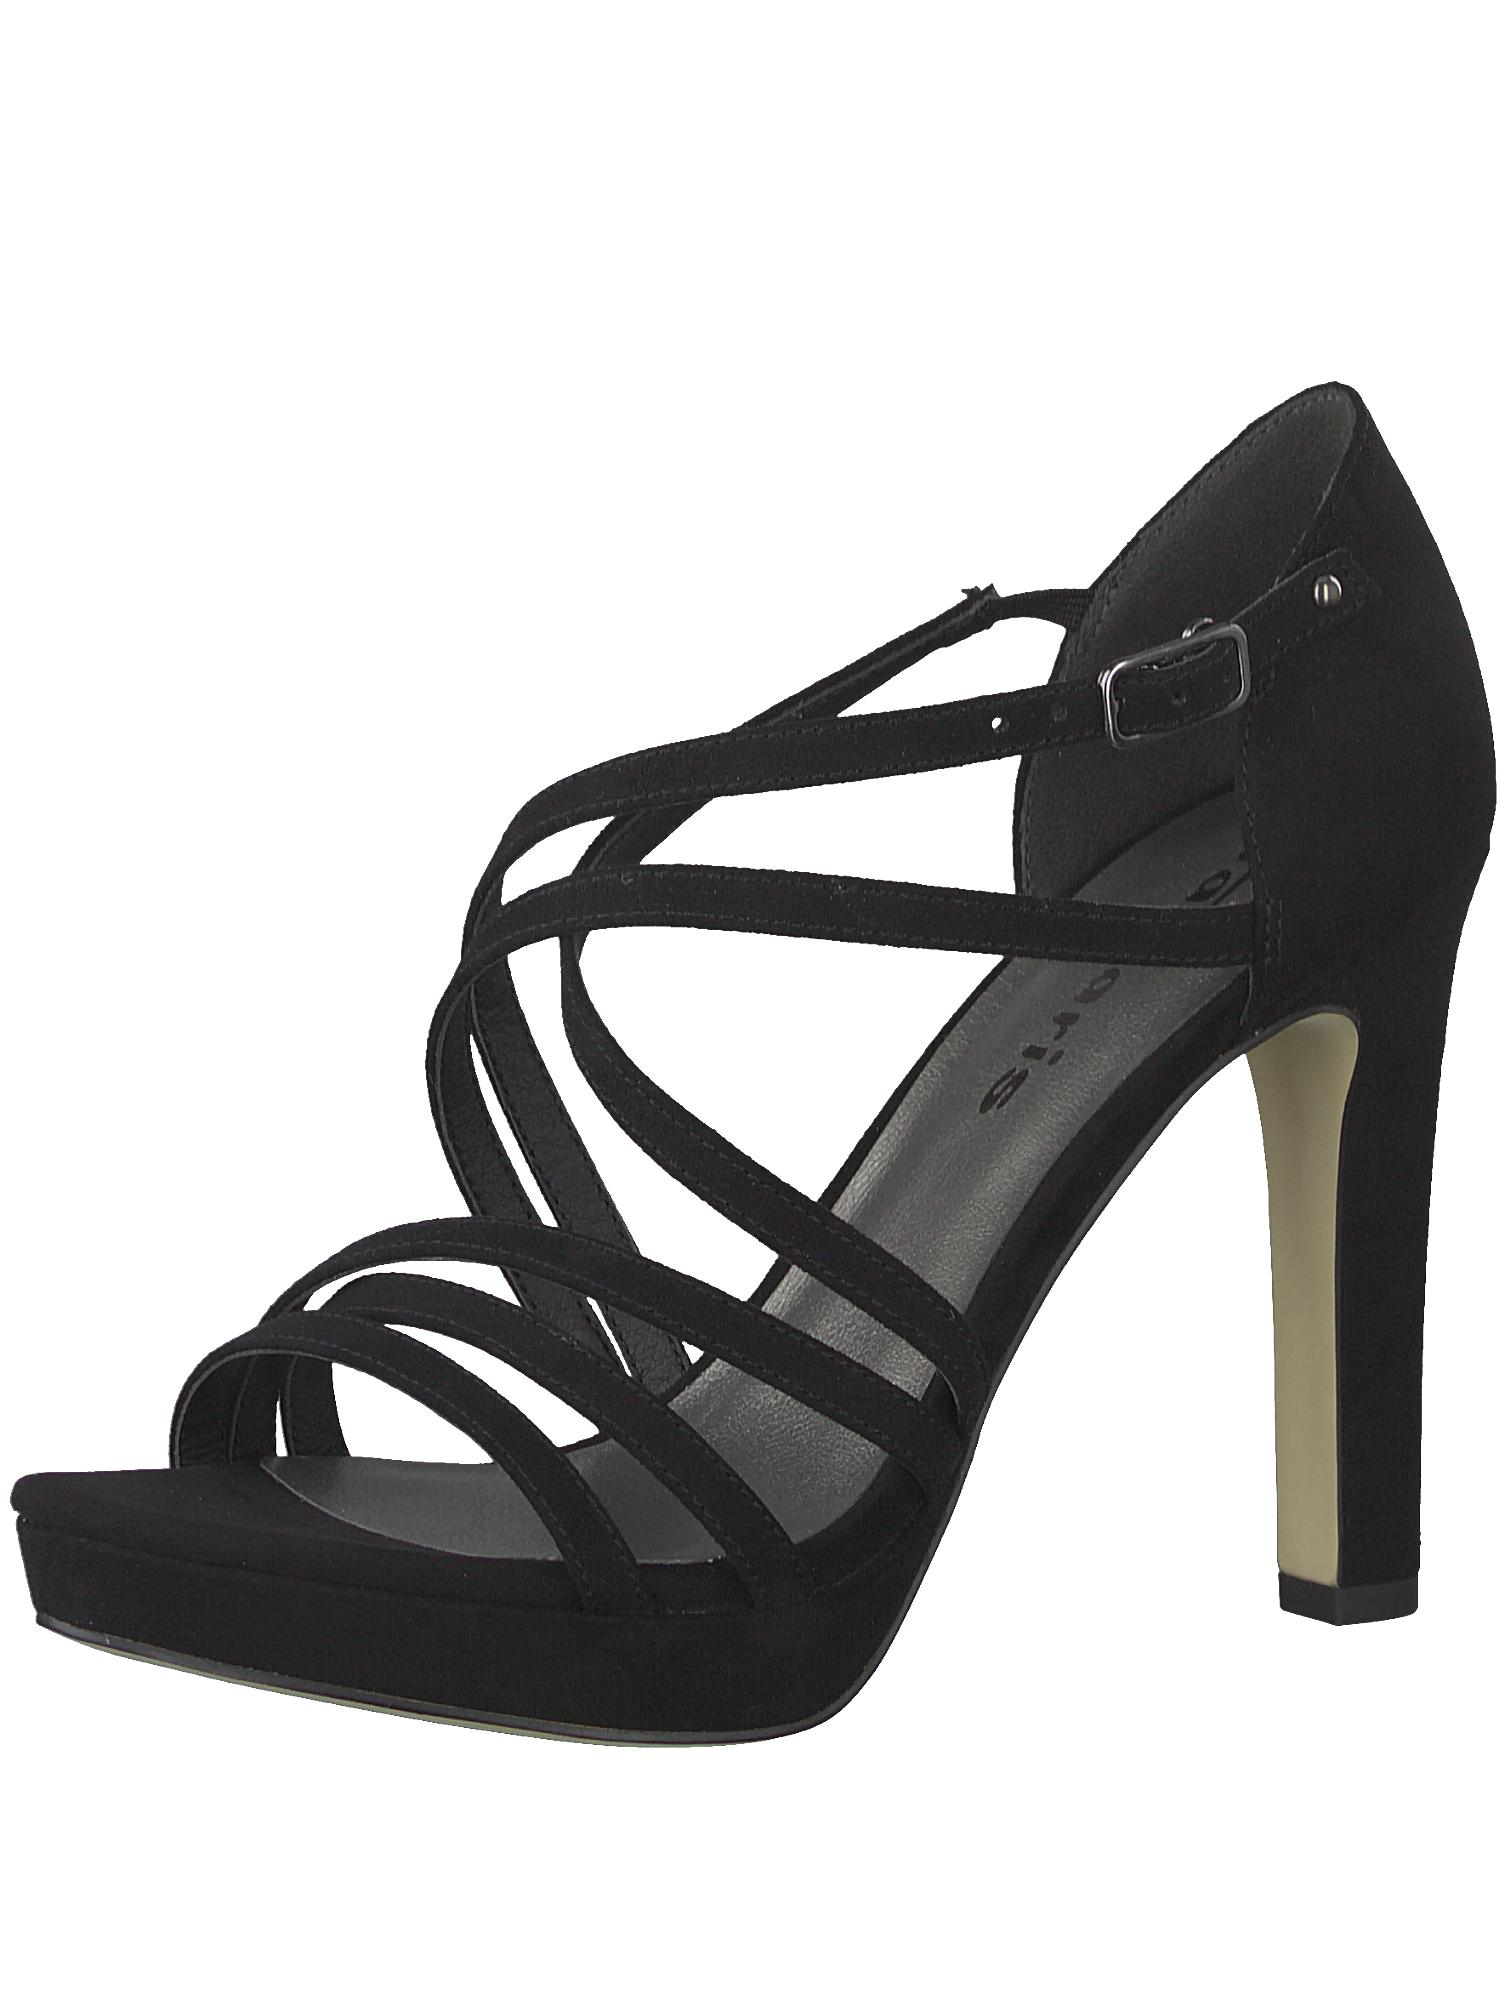 Páskové sandály Strappy Heel černá TAMARIS